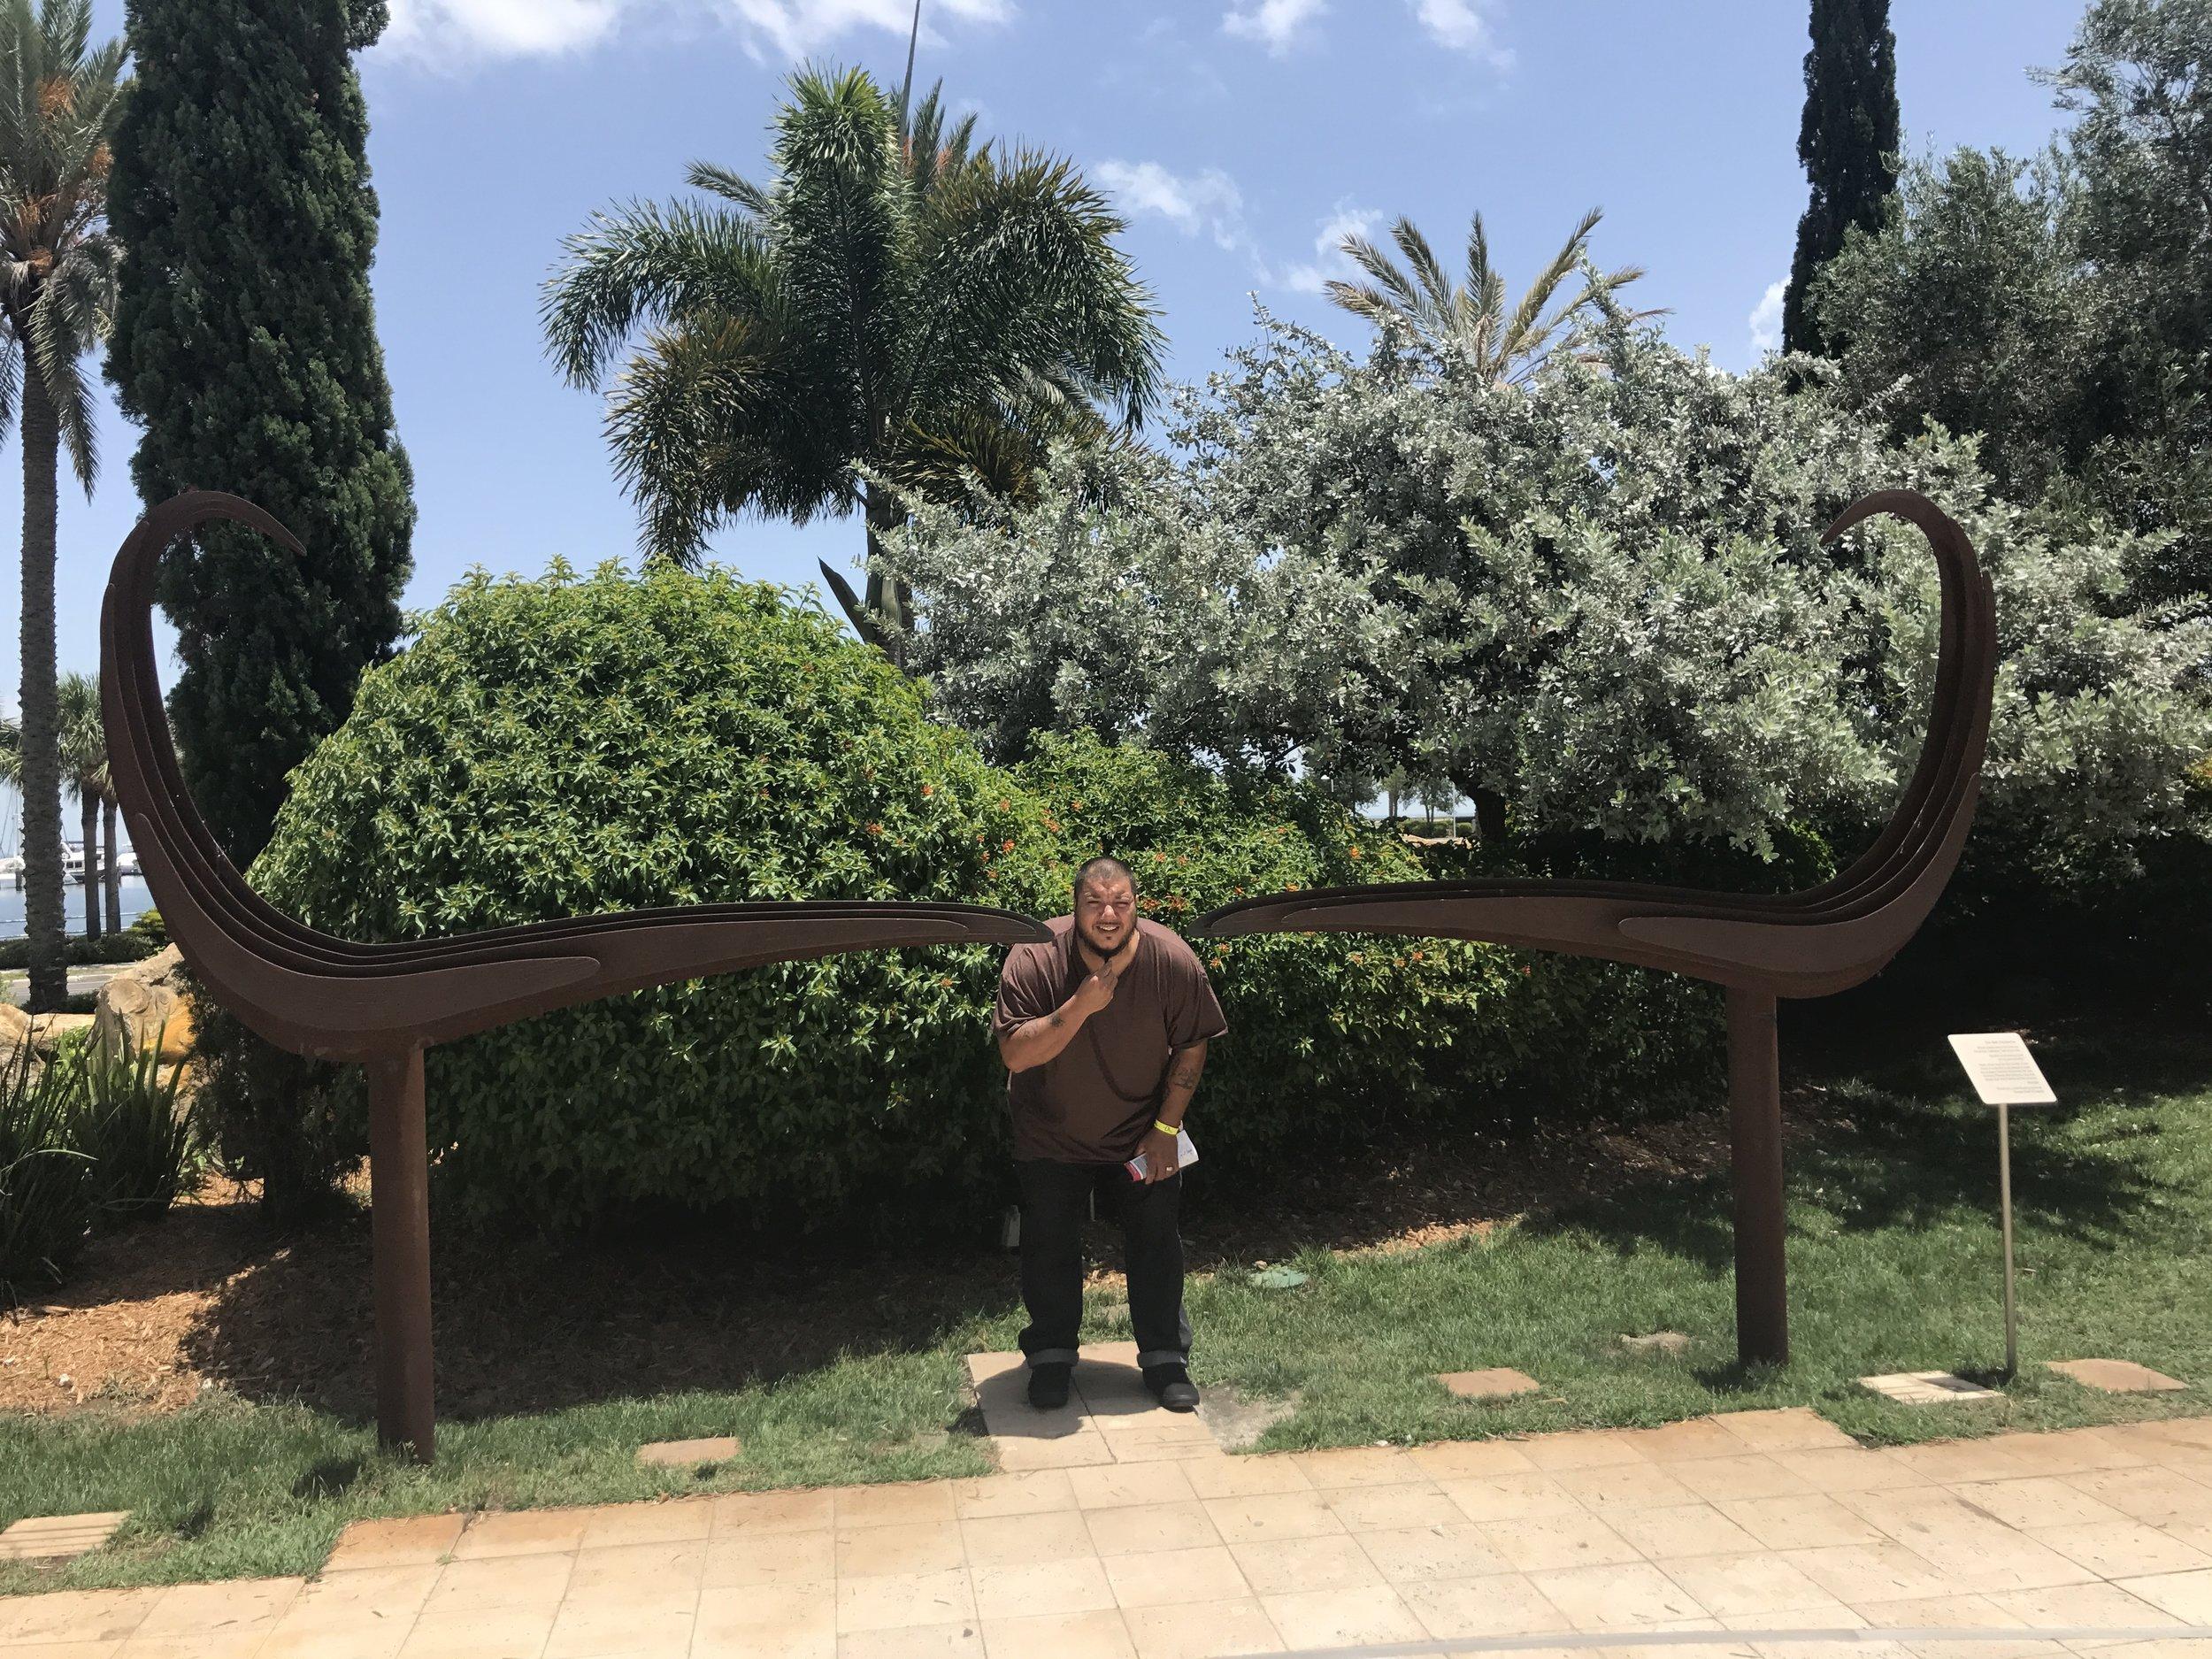 salvador dali museum st petersburg review